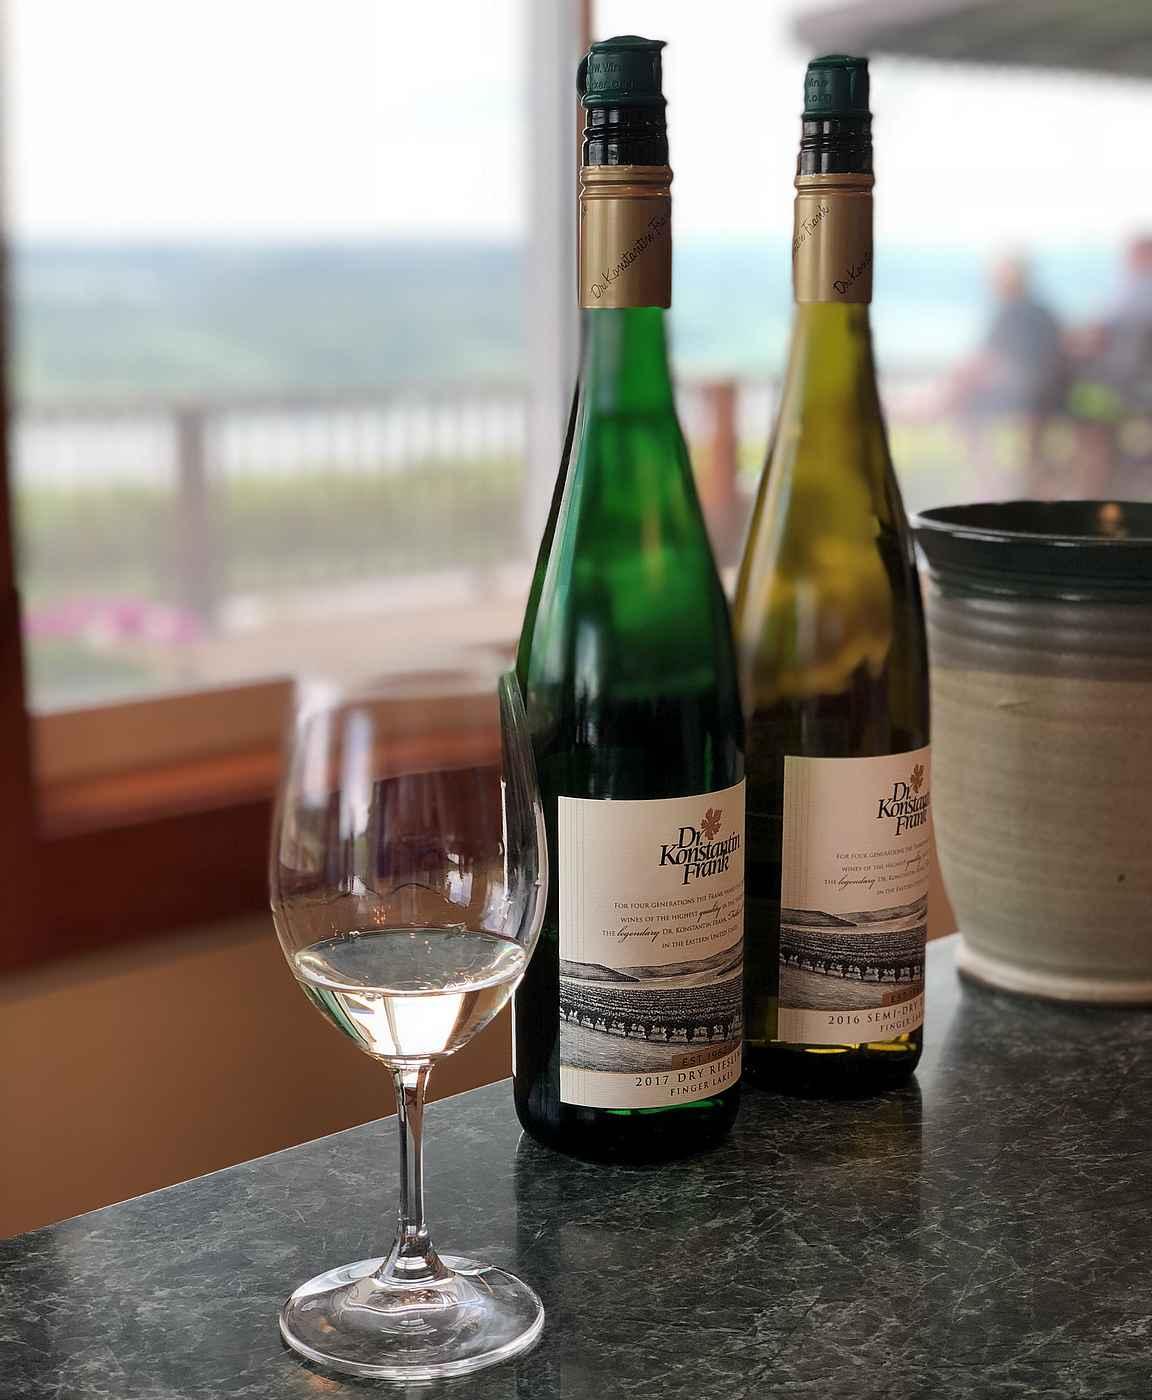 Dr. Konstantin Frankin valkoviinit ovat Finger Lakesin viinibuumin alullepanijat.